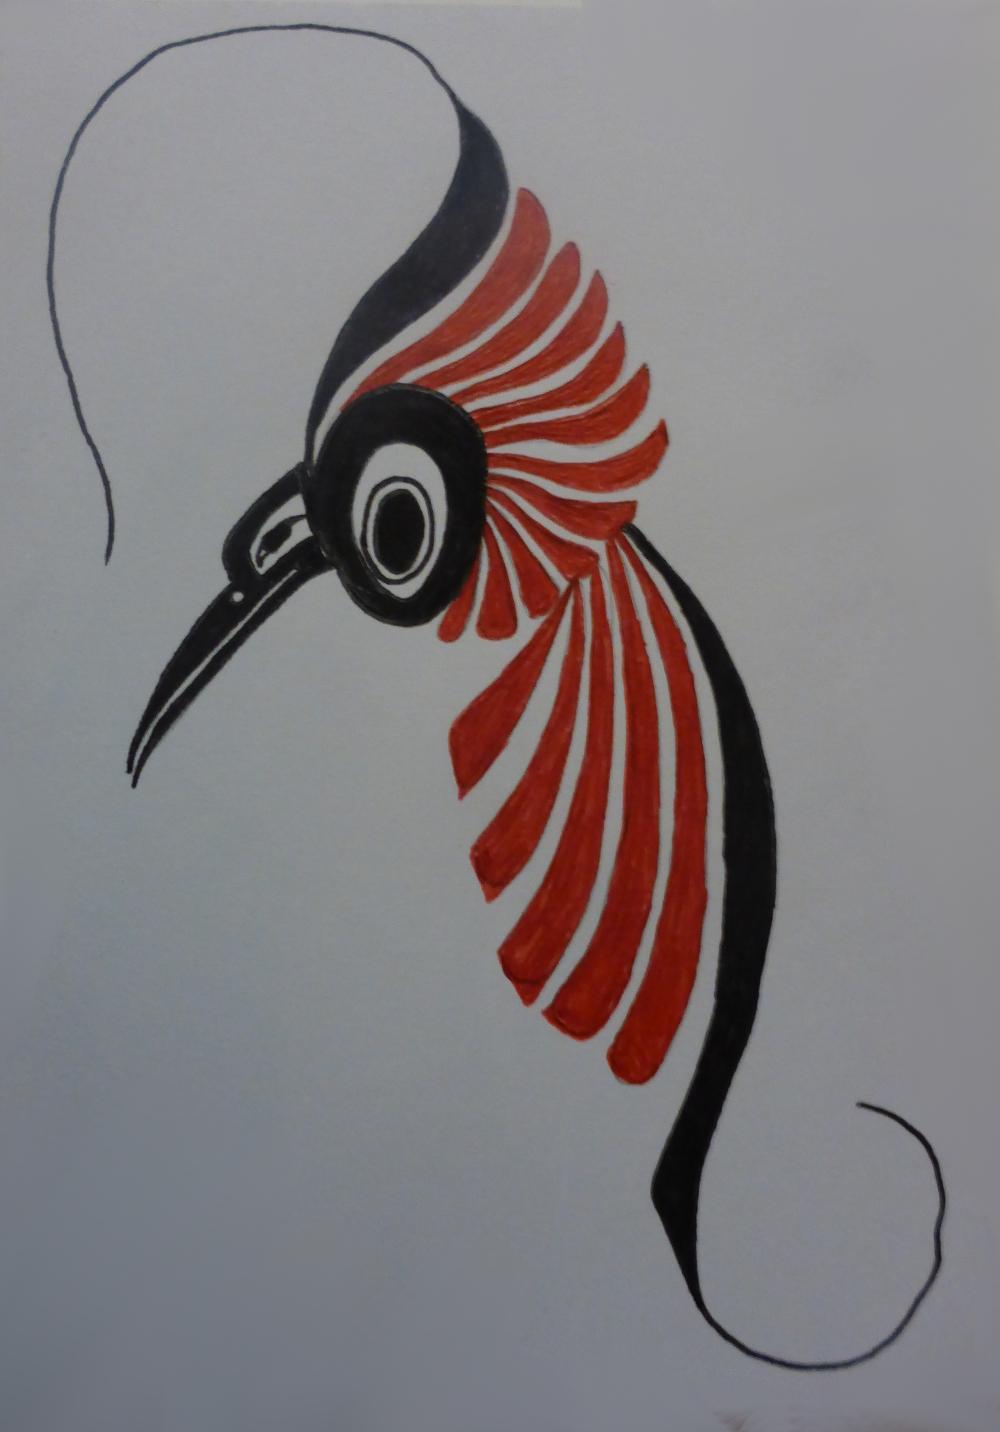 """""""Hummingbird"""", 2018, biro on cardboard, 11 x 15 cm"""